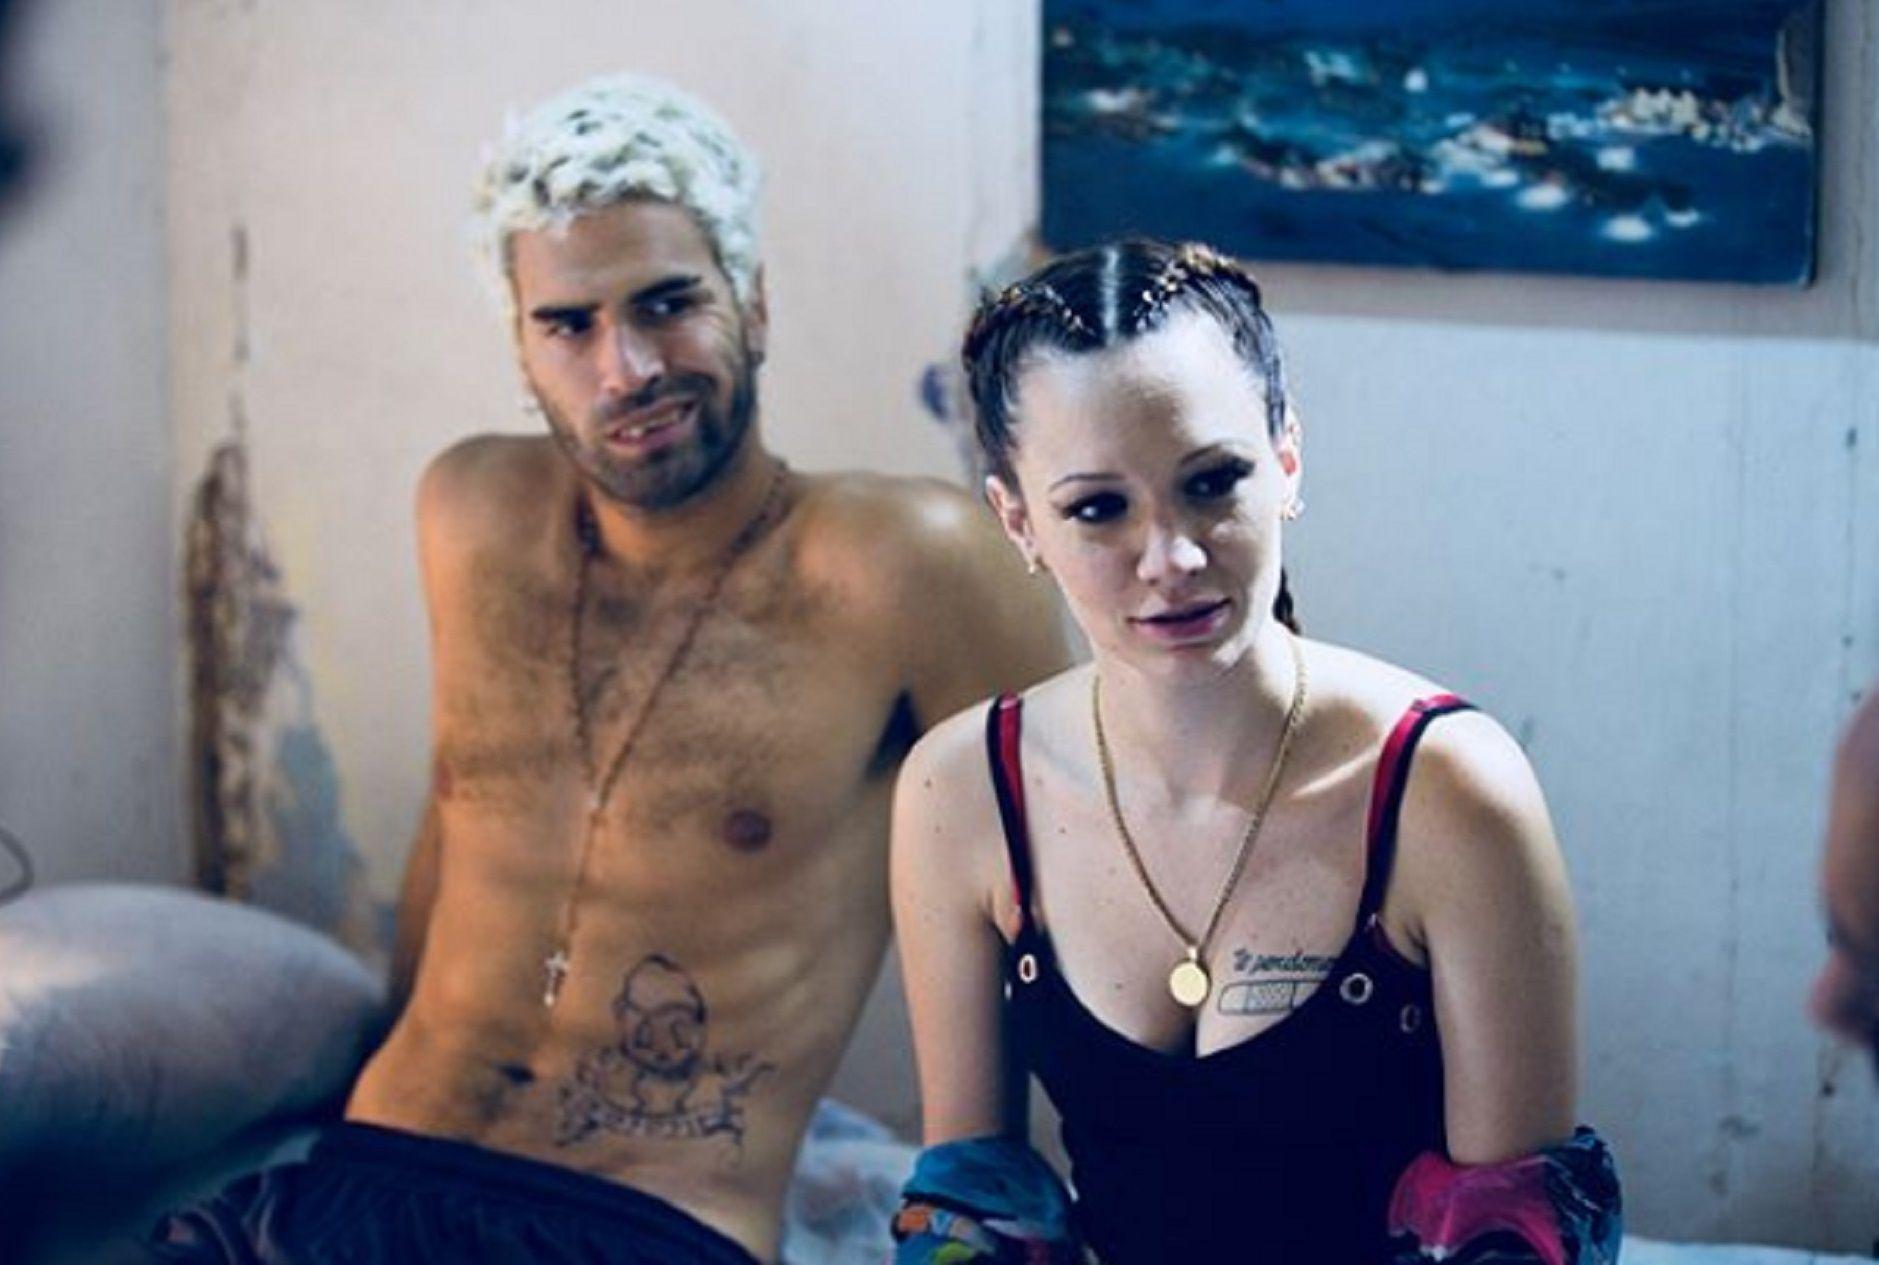 Diosito y su novia interpretada por La Joaqui